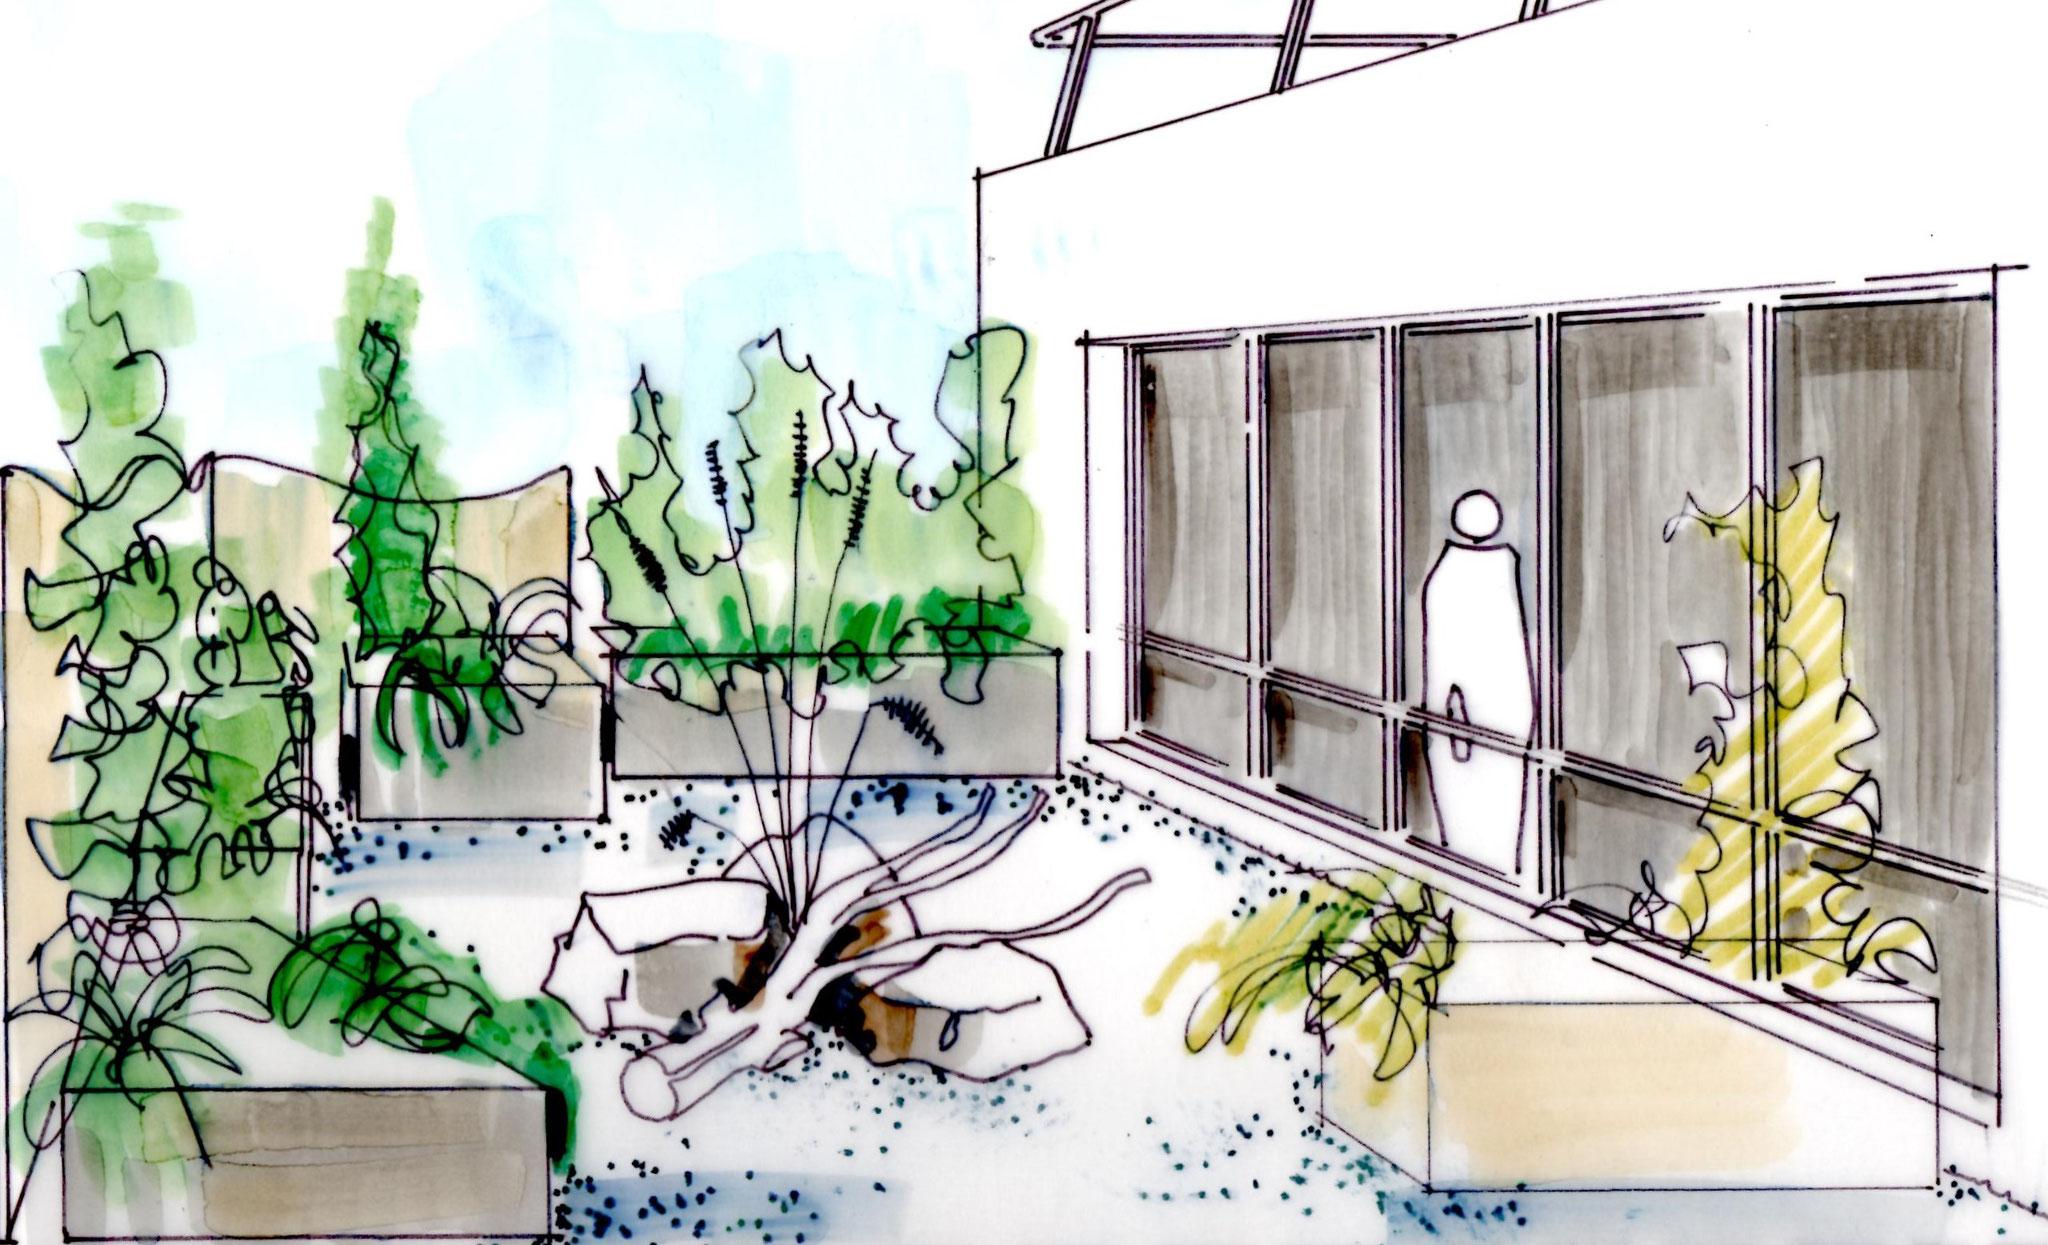 Les éléments techniques présents sur ce toit disparaissent derrière le décors paysager.